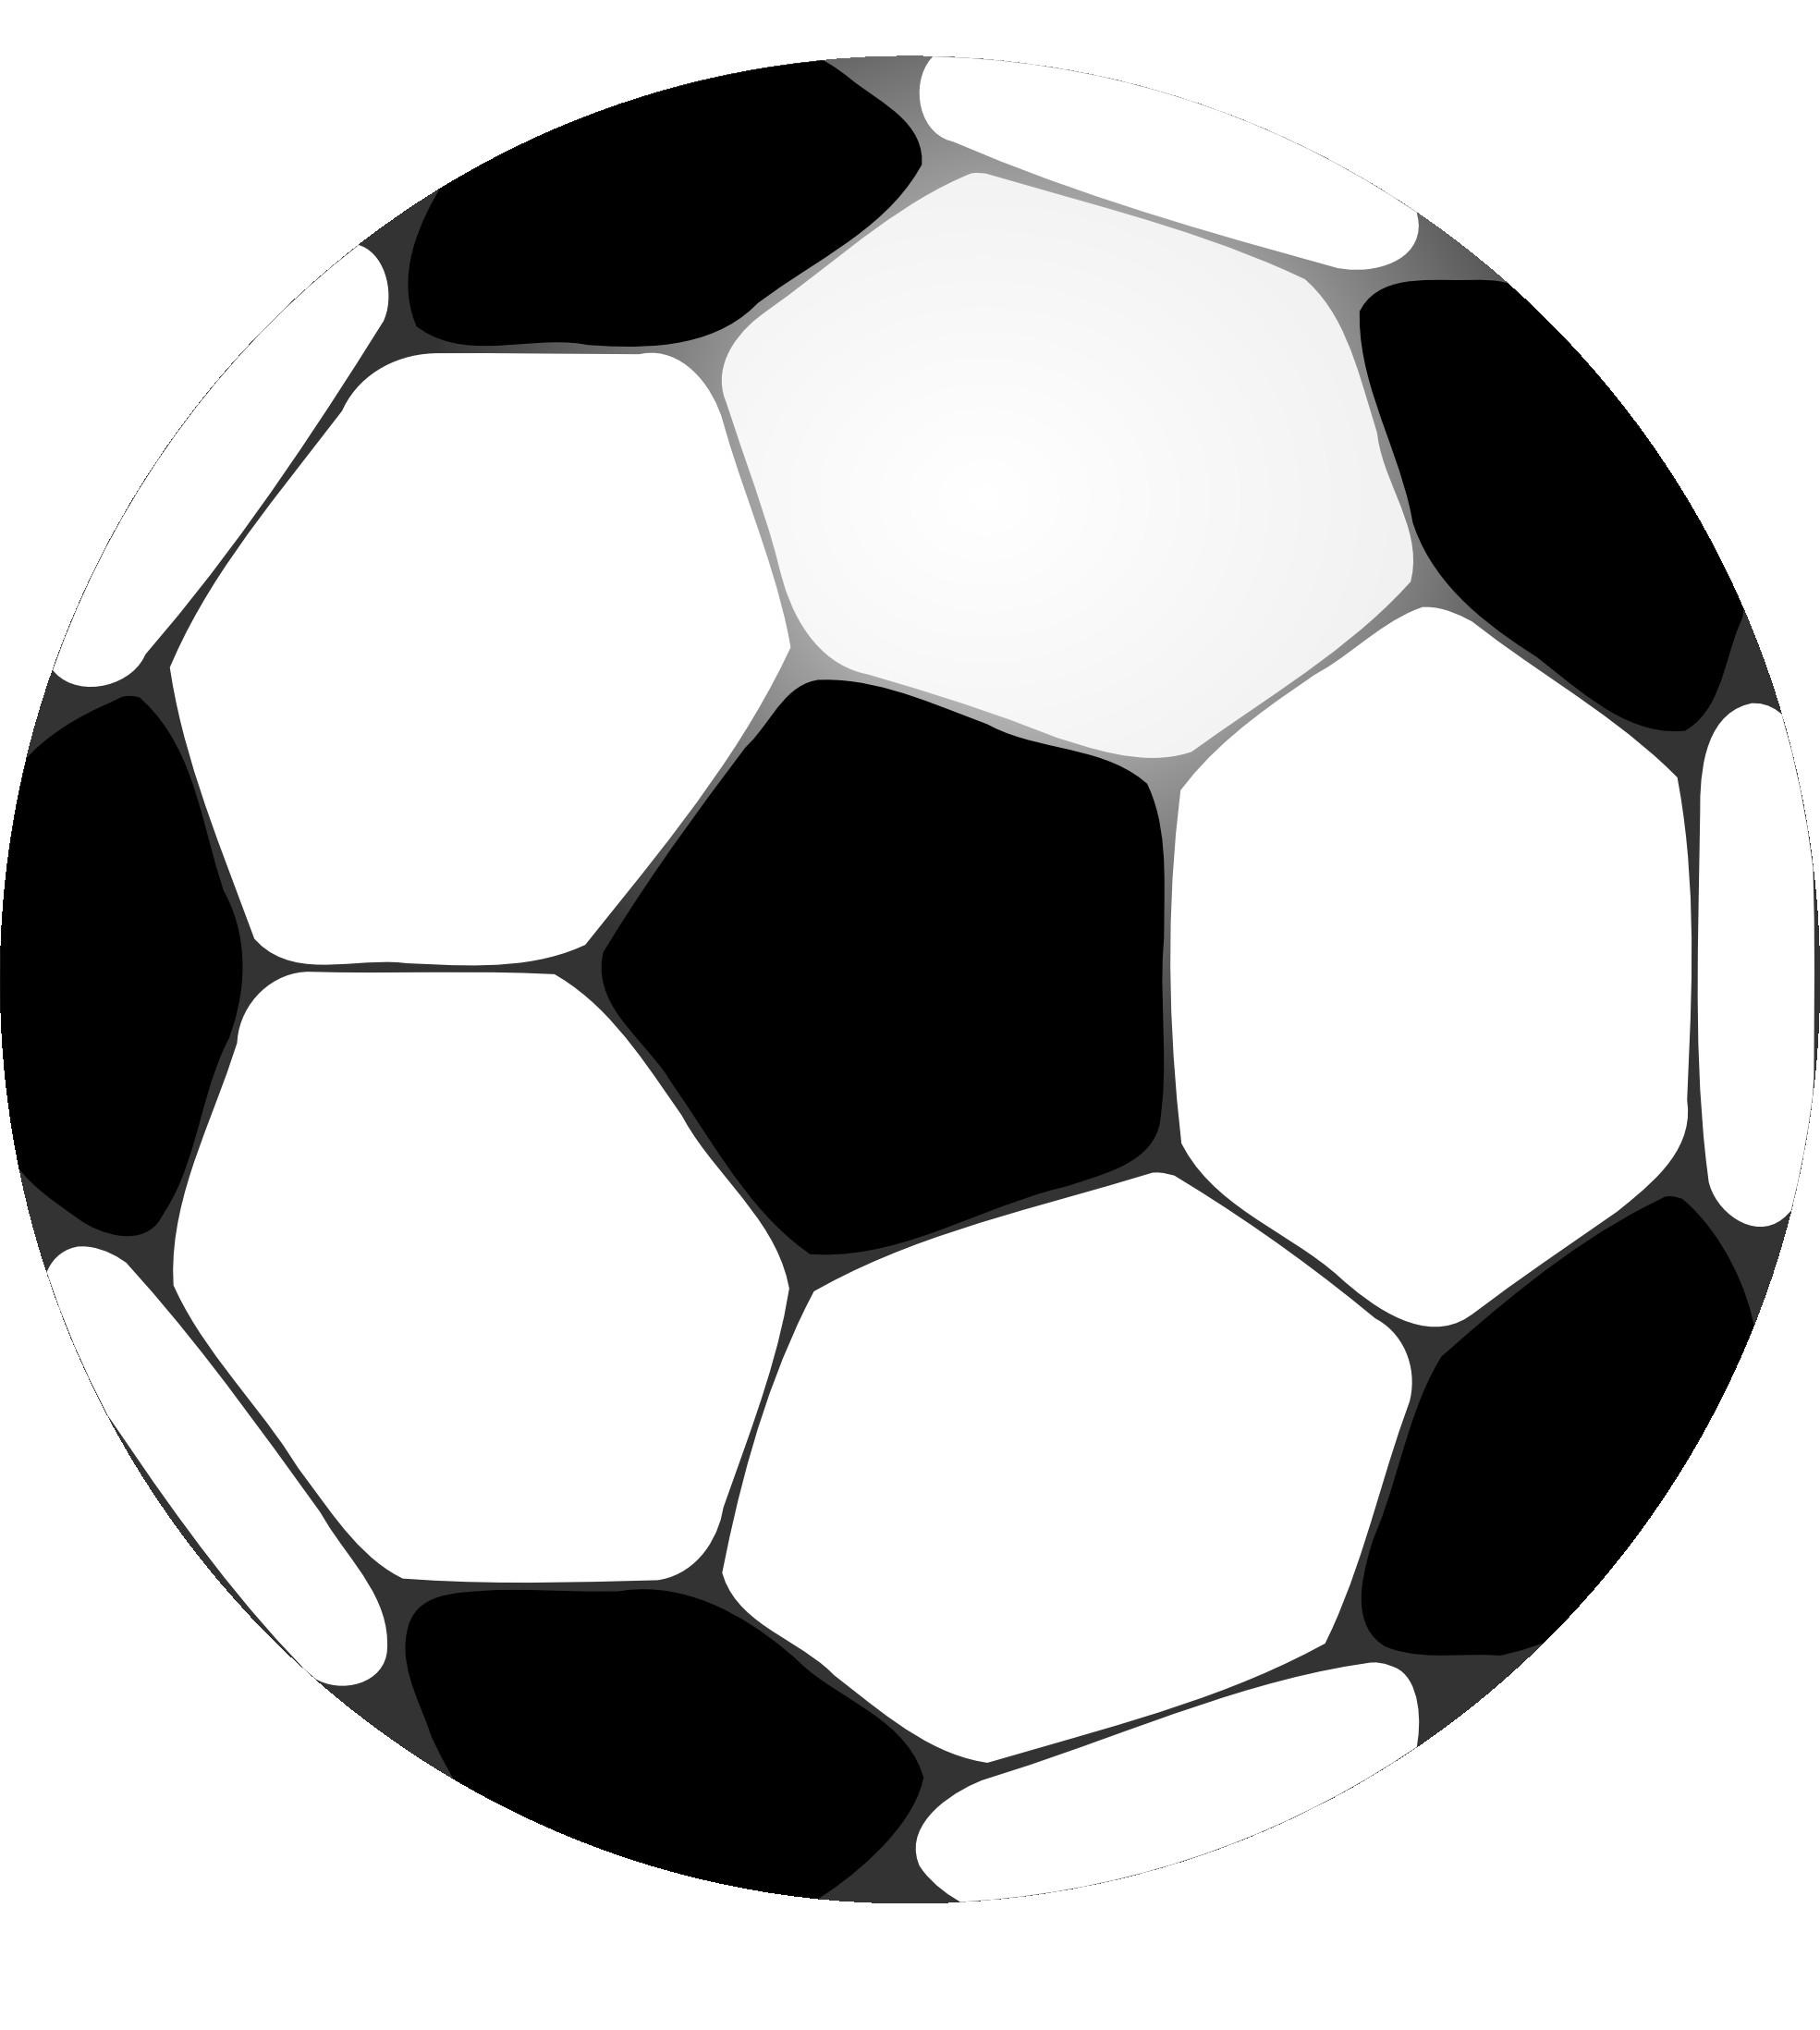 hight resolution of football black